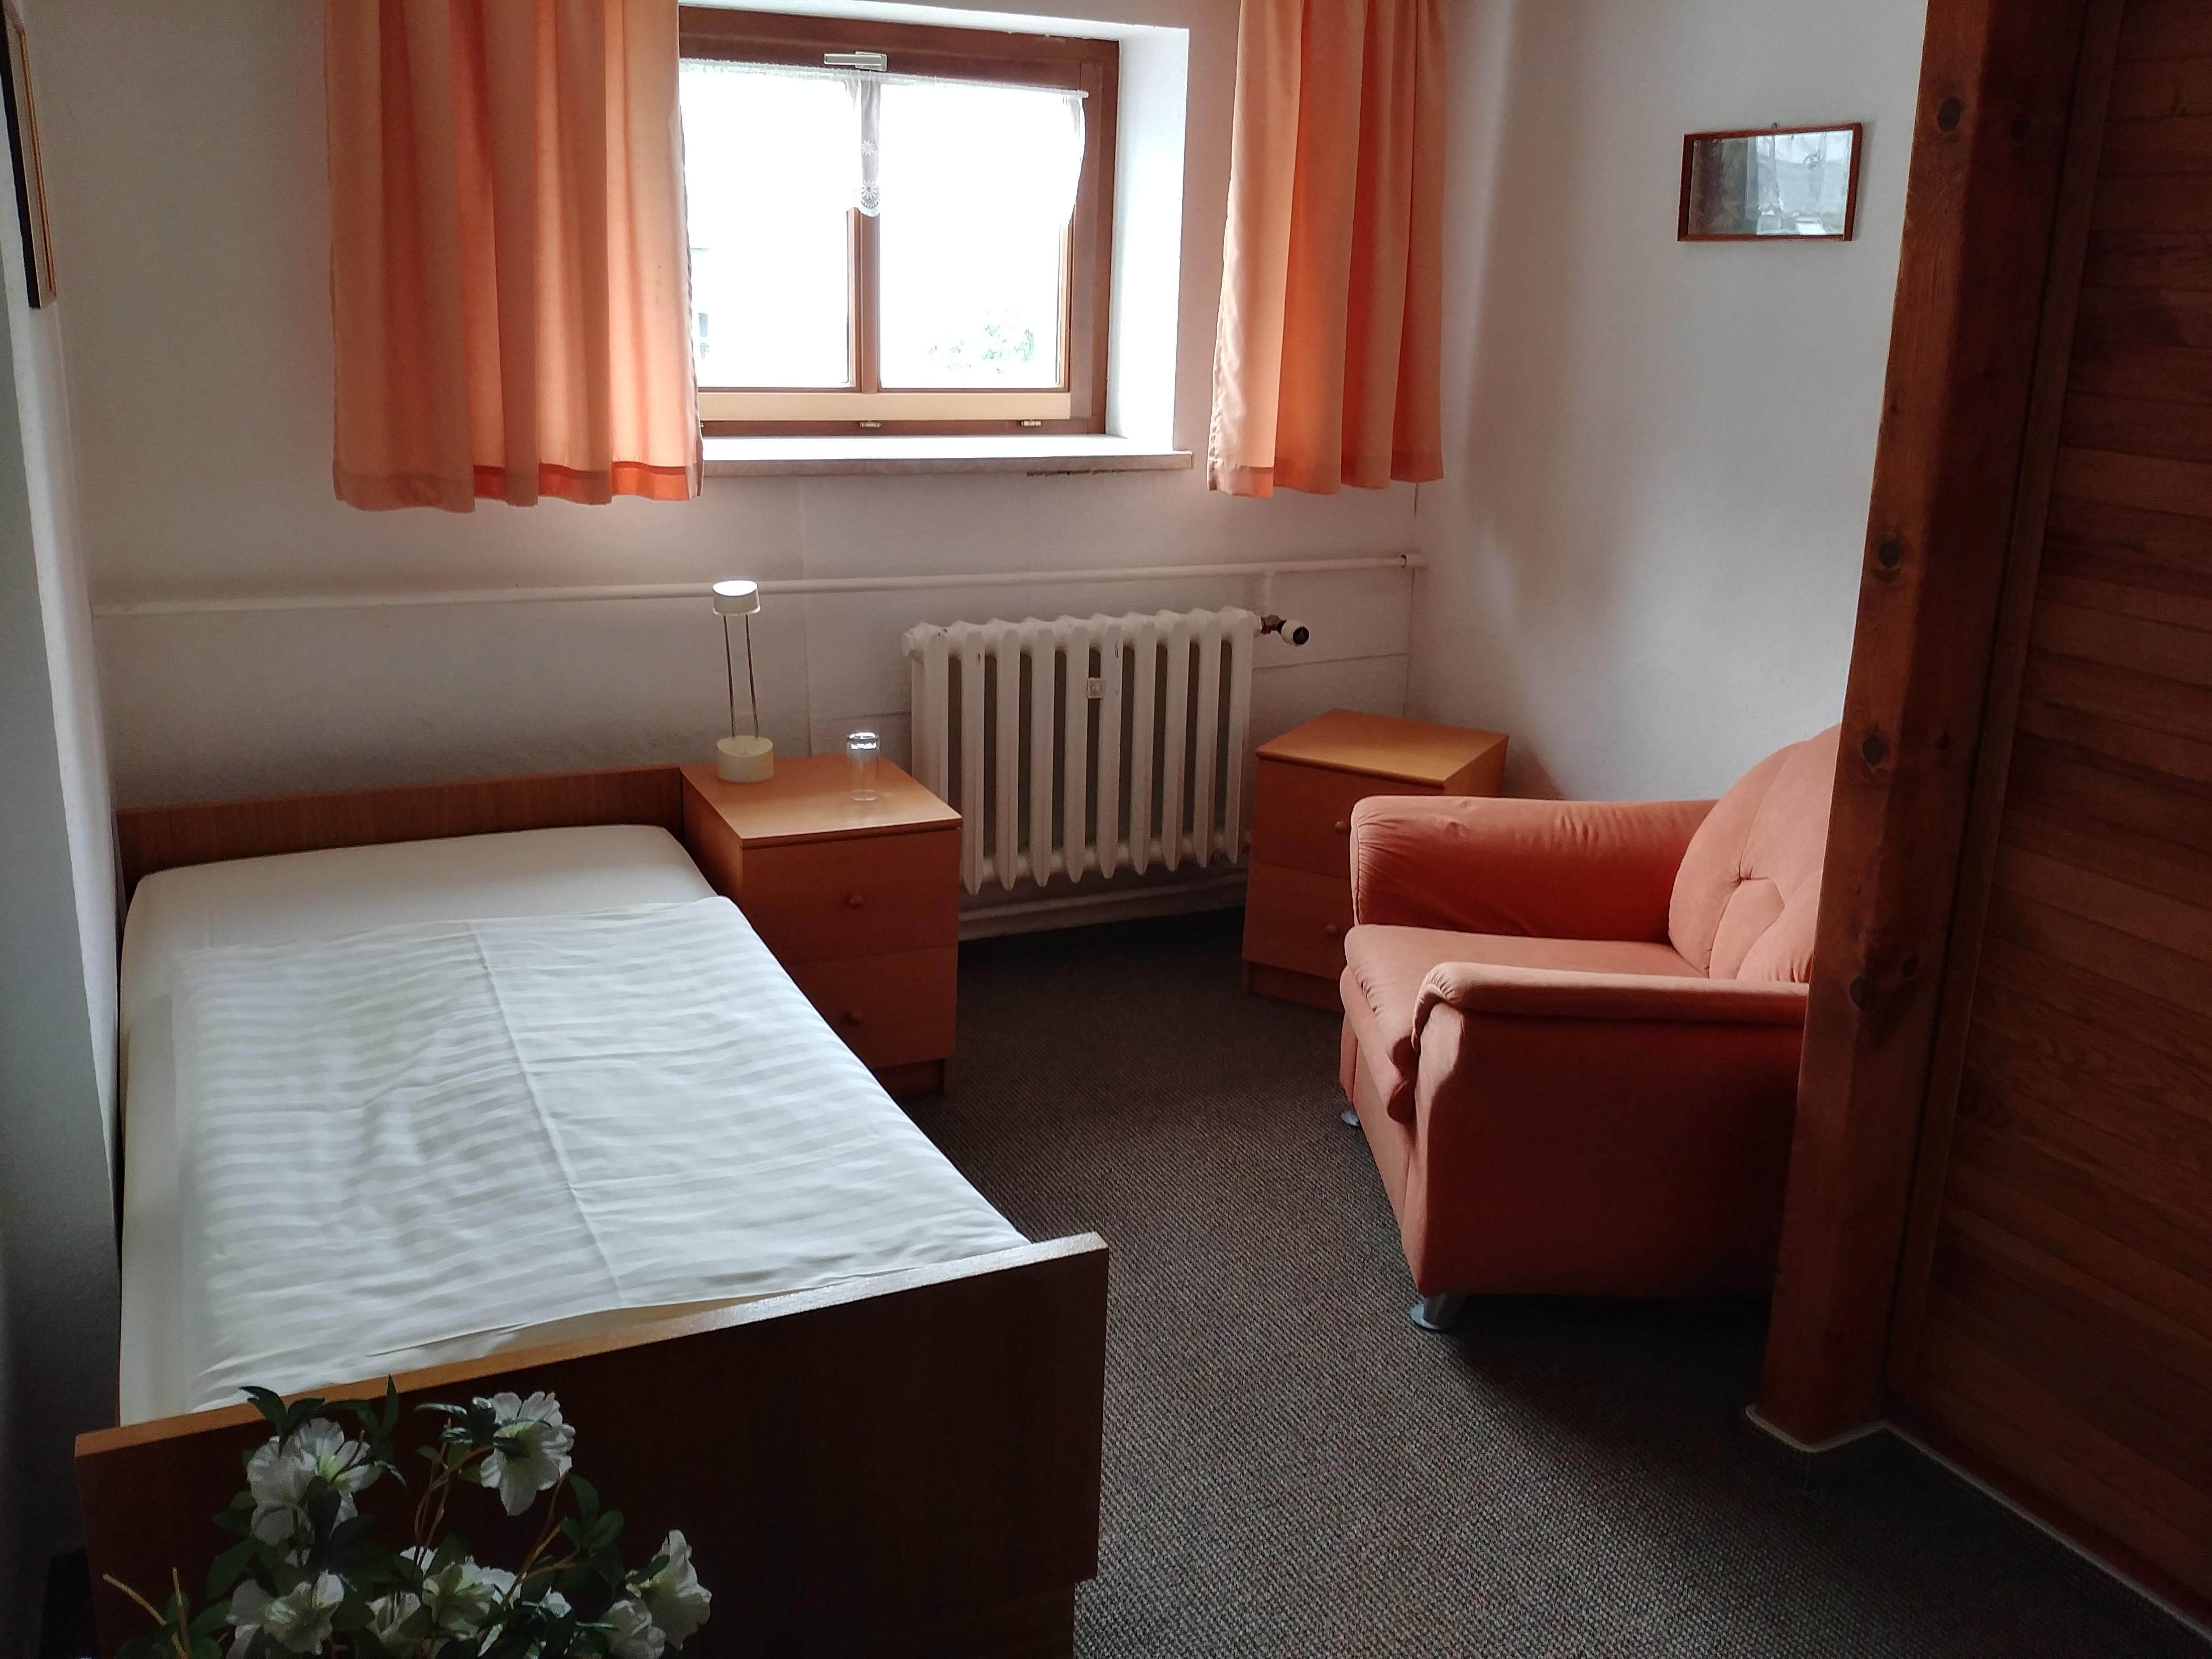 Kleines Einzelzimmer für 45 €